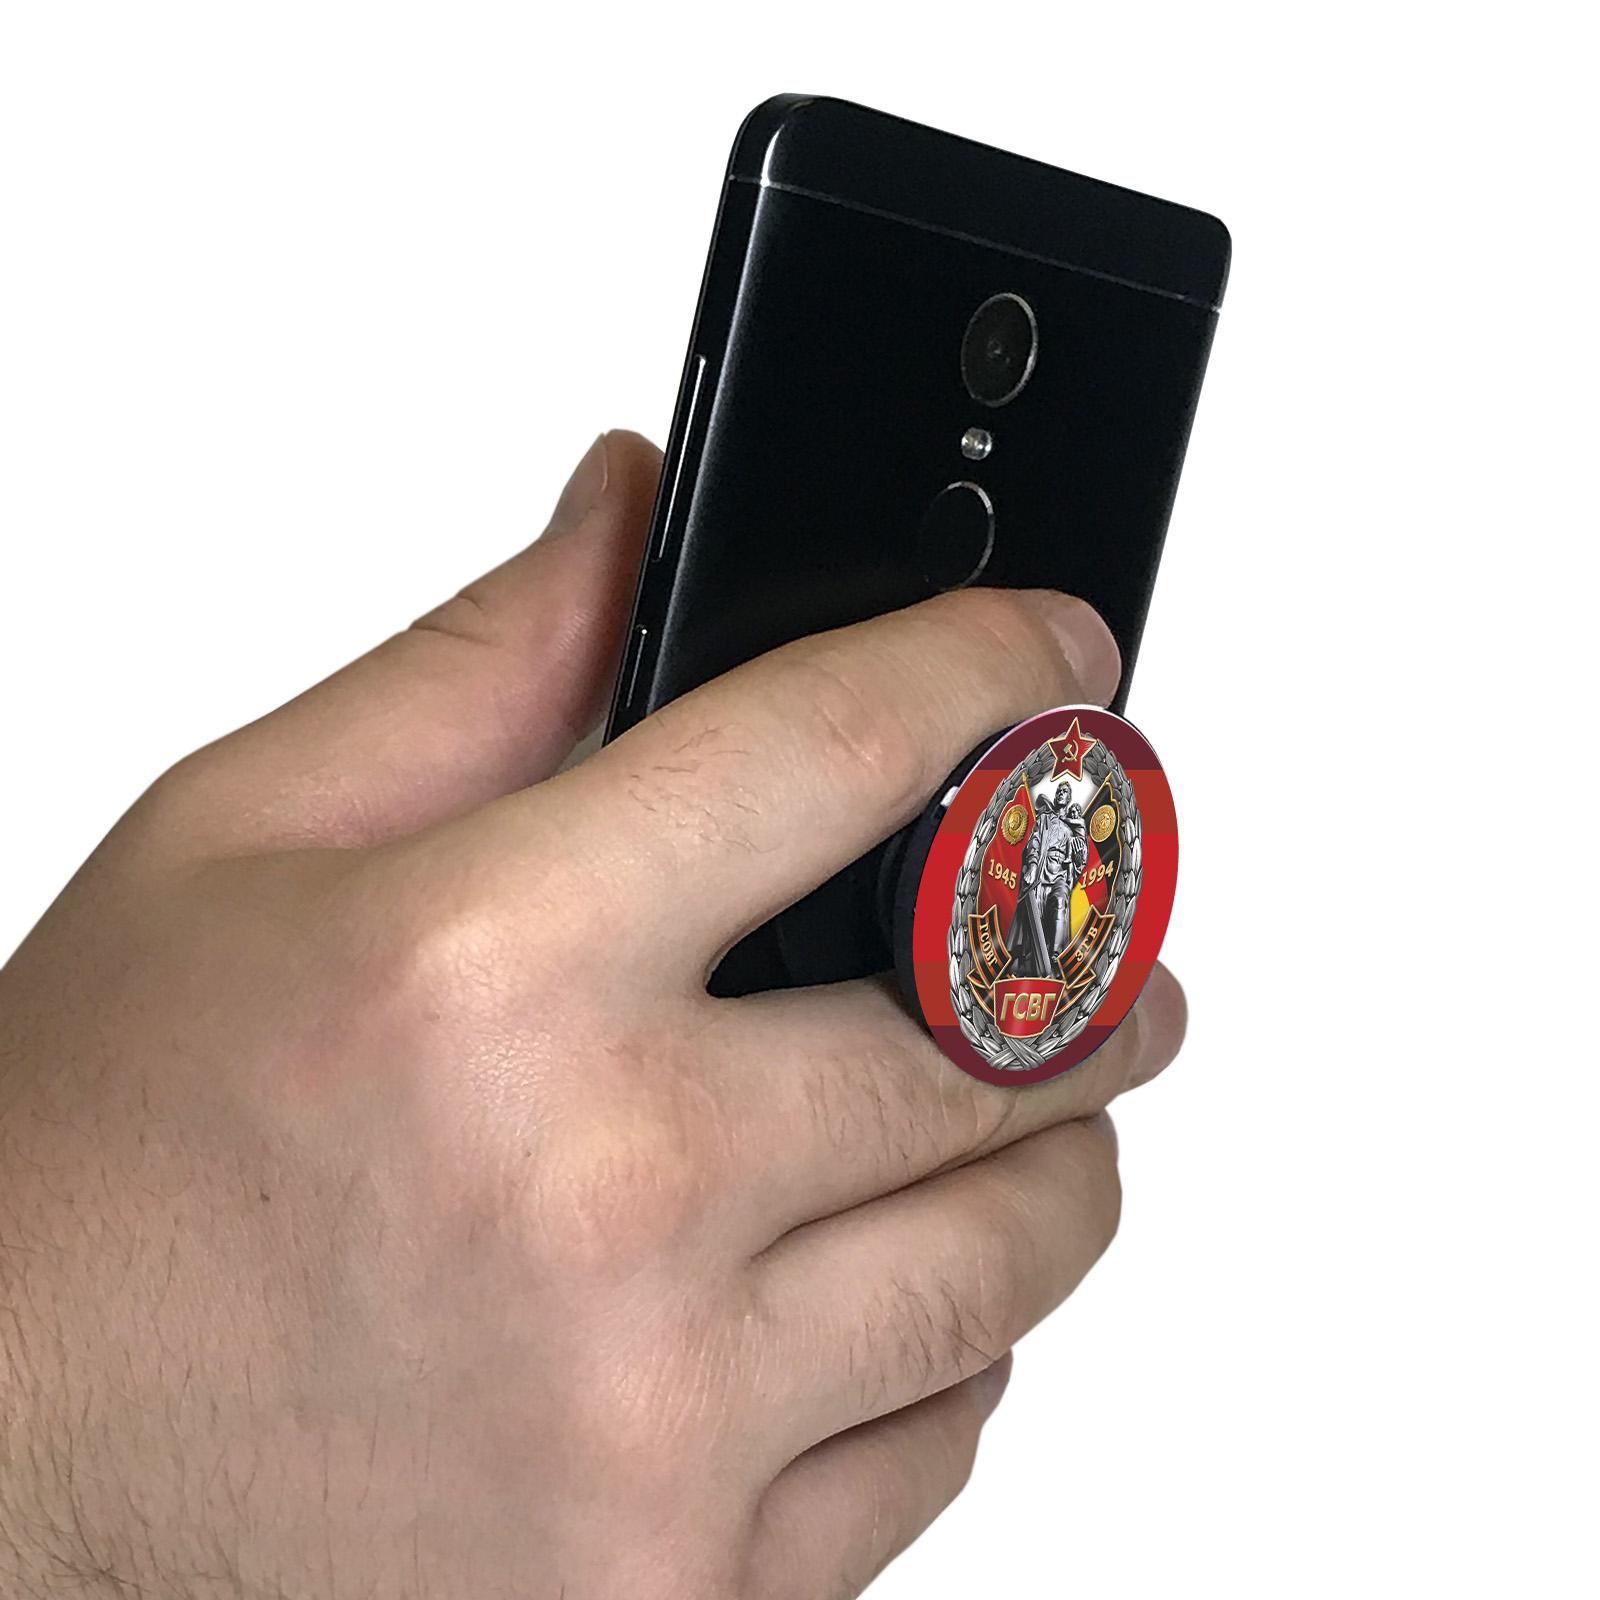 """Подарочный холдер для мобильного телефона """"ГСВГ"""" по выгодной цене"""